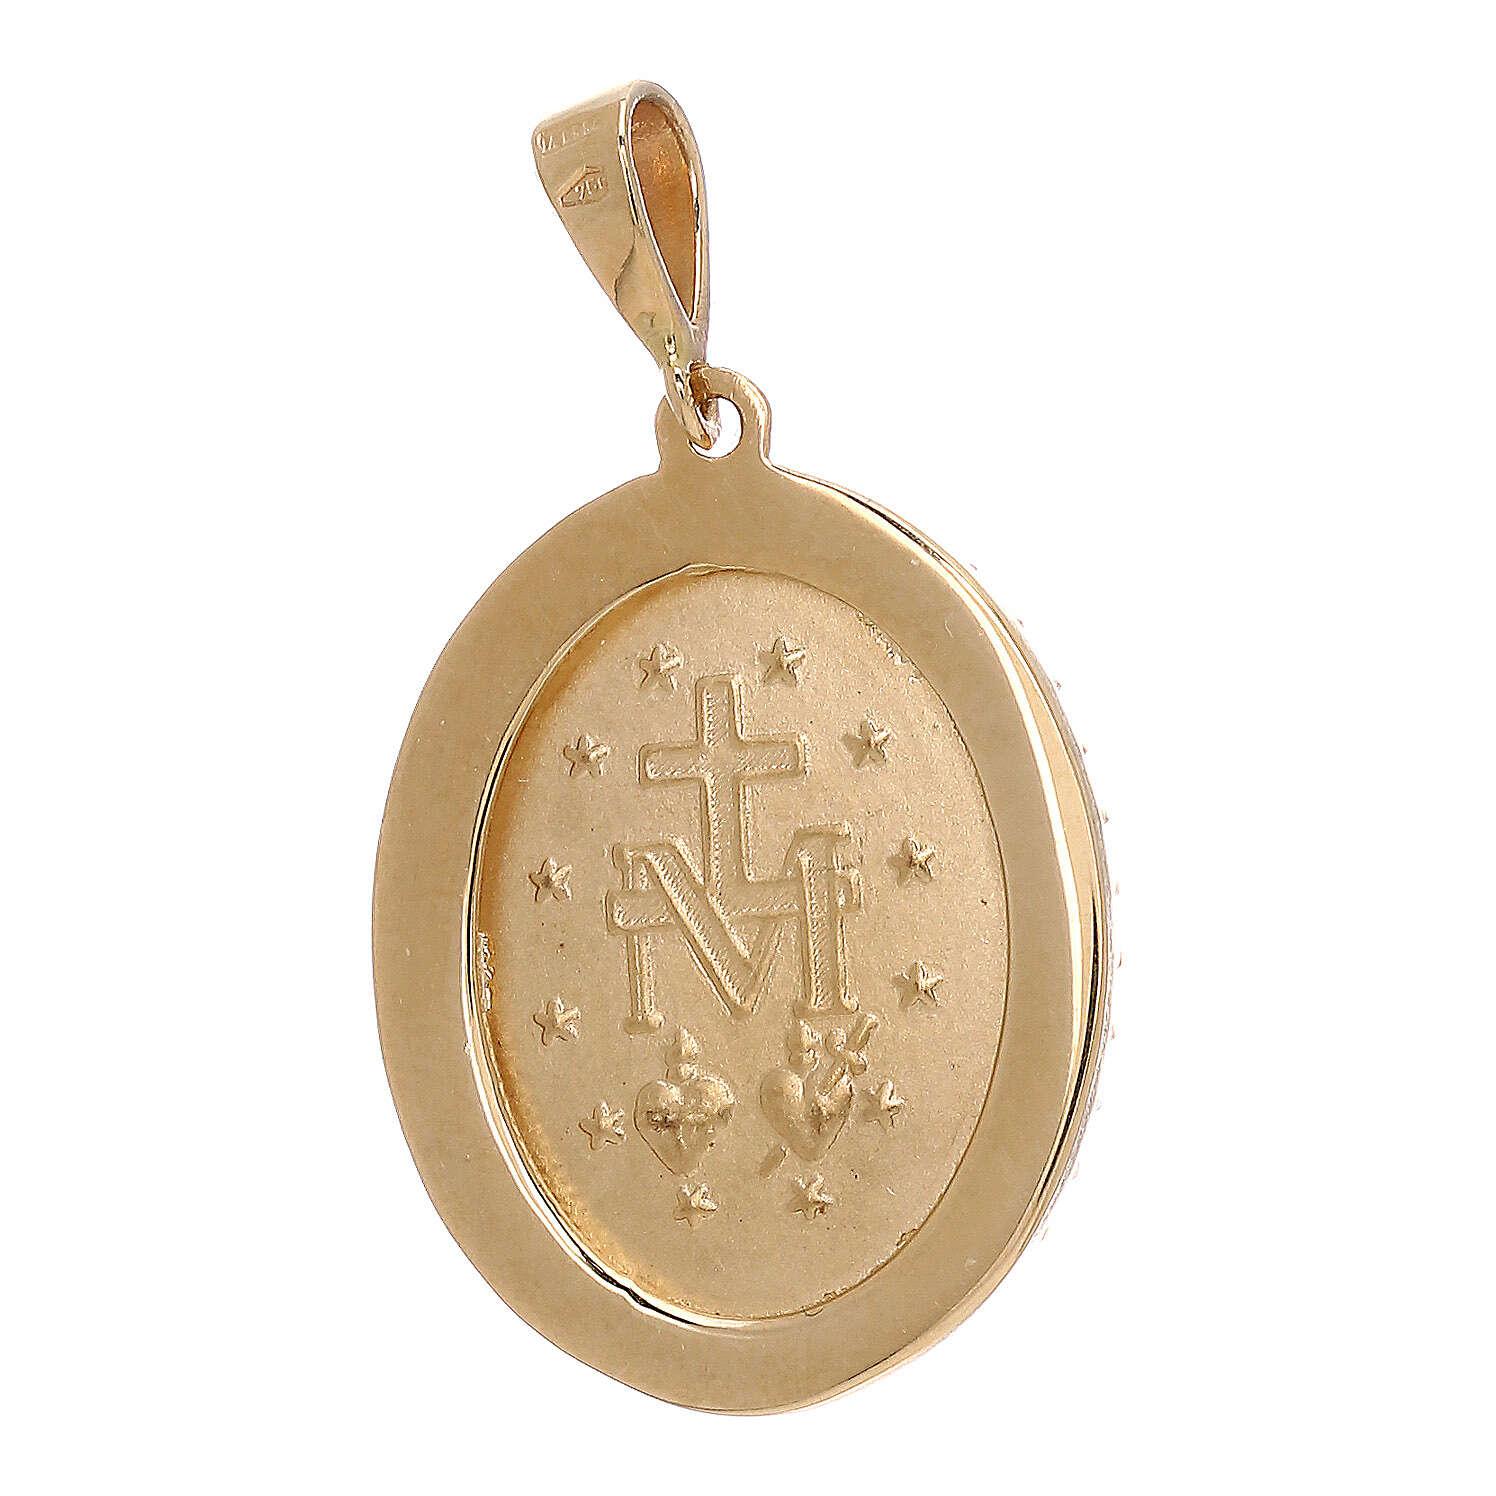 Pendente Medaglia Miracolosa oro 18 carati Swarovski azzurri 3,5 grammi 4